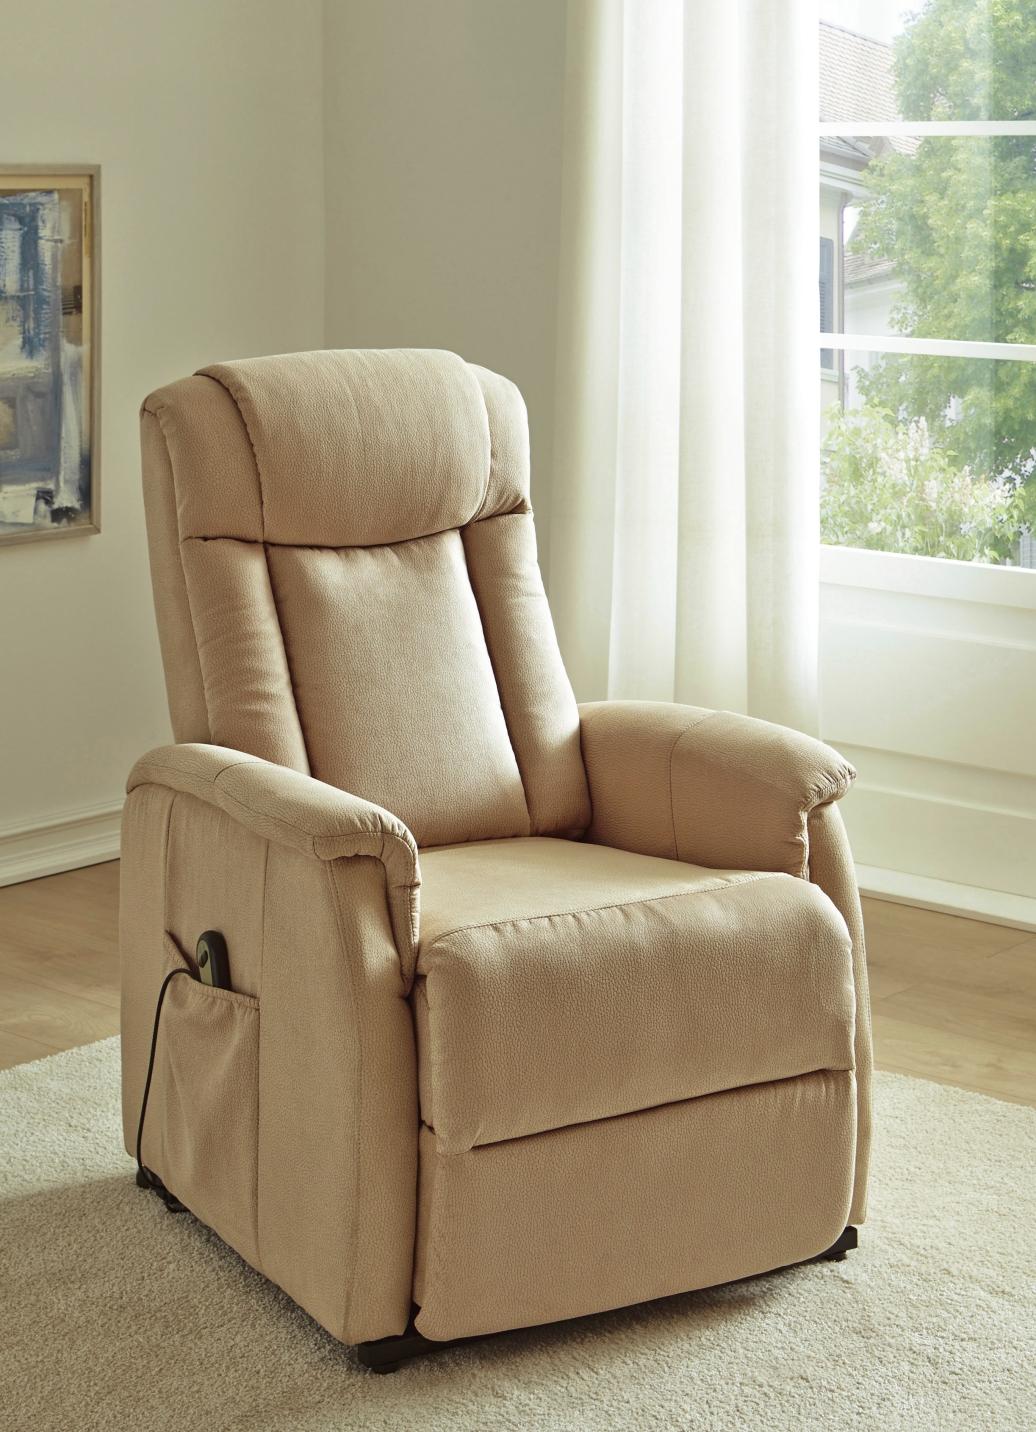 tv sessel mit motor und aufstehhilfe in verschiedene farben wohnzimmer brigitte hachenburg. Black Bedroom Furniture Sets. Home Design Ideas